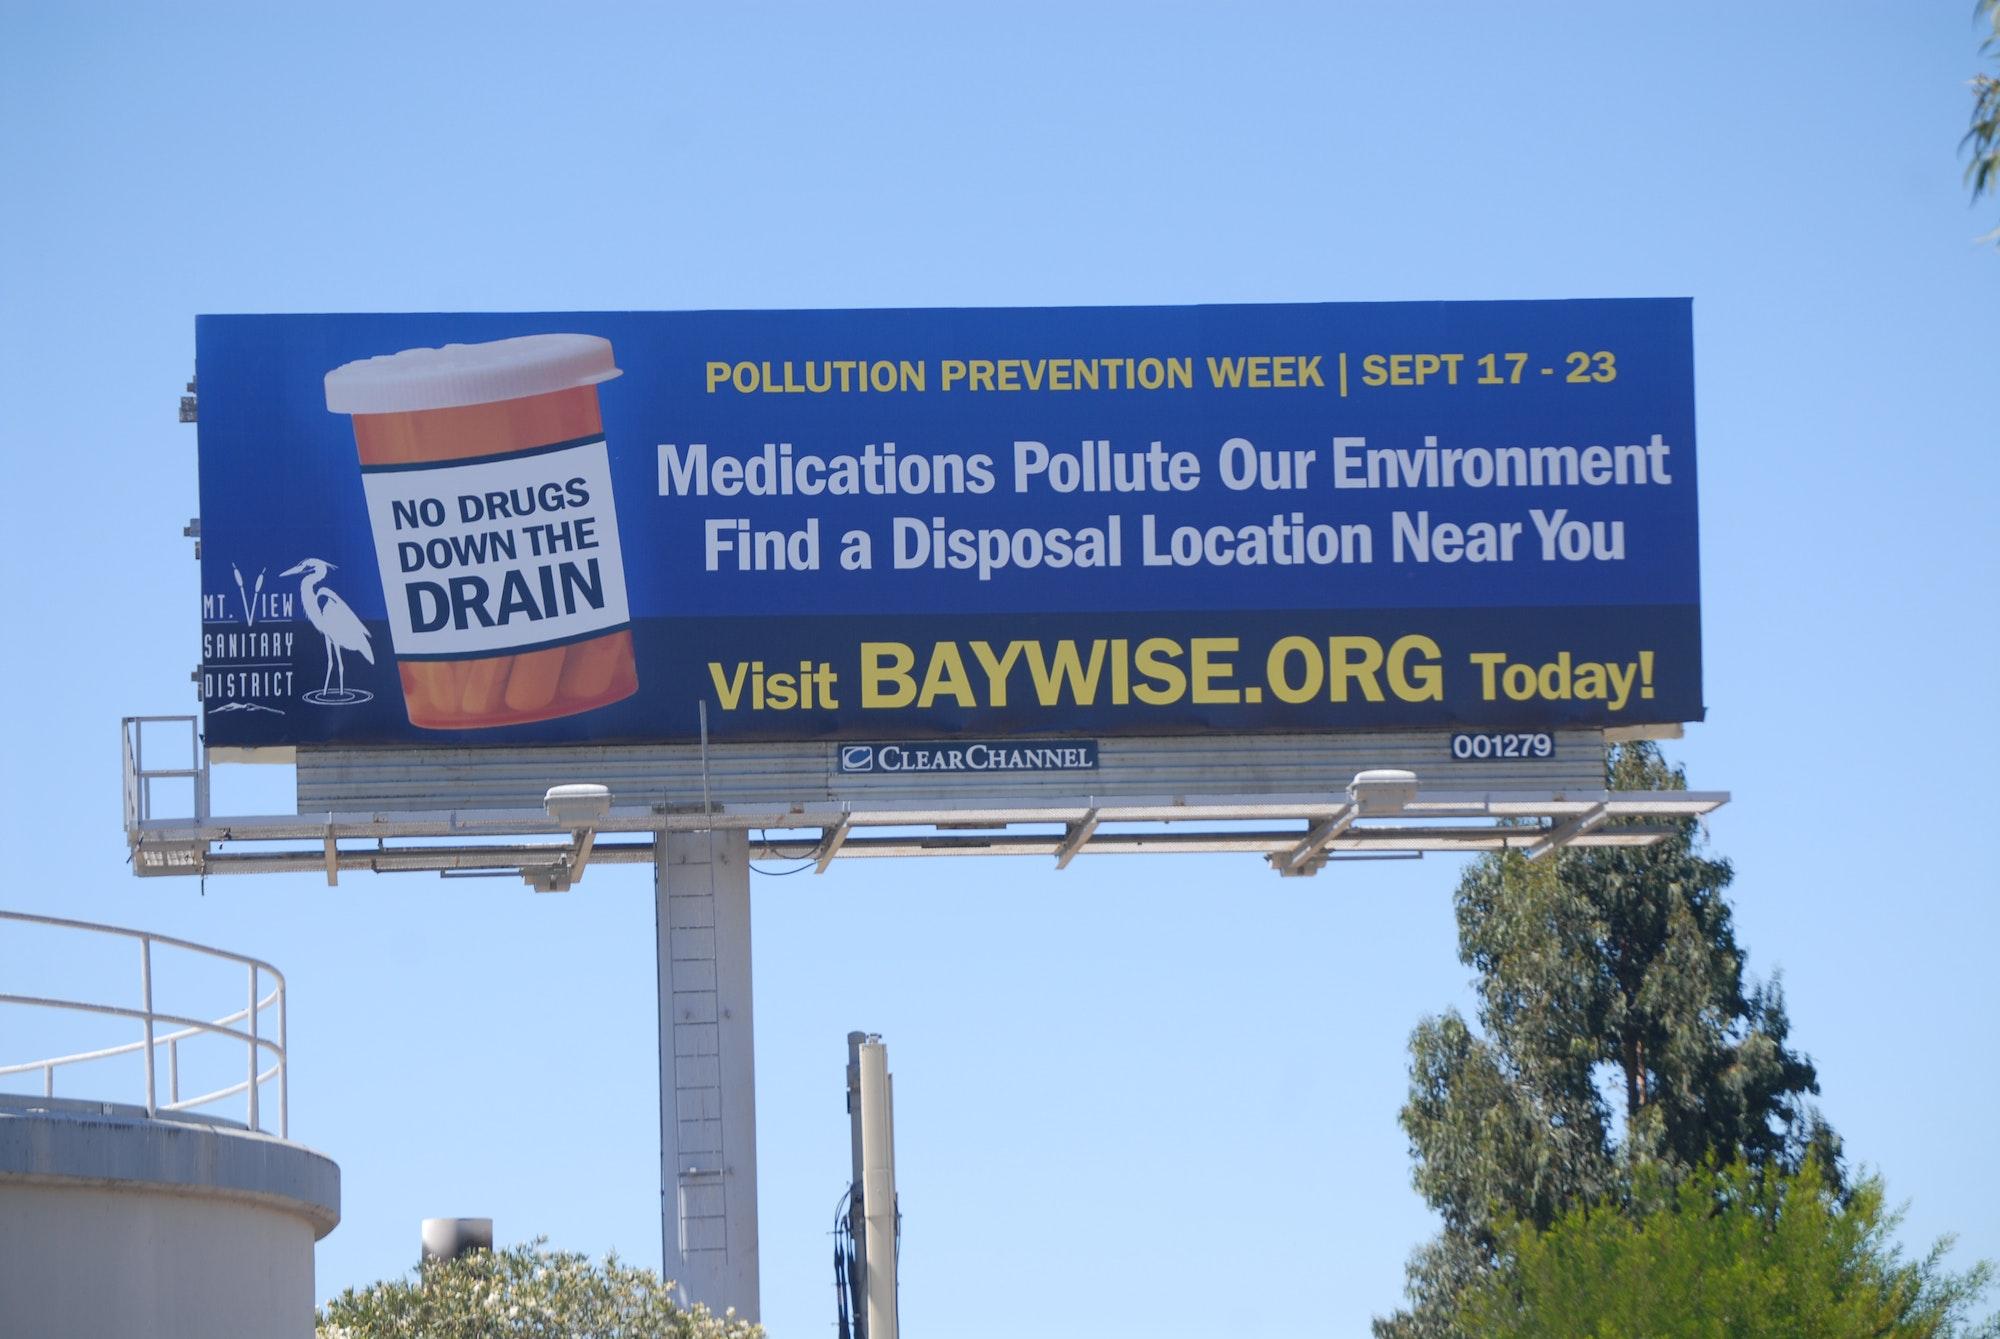 2012 billboard